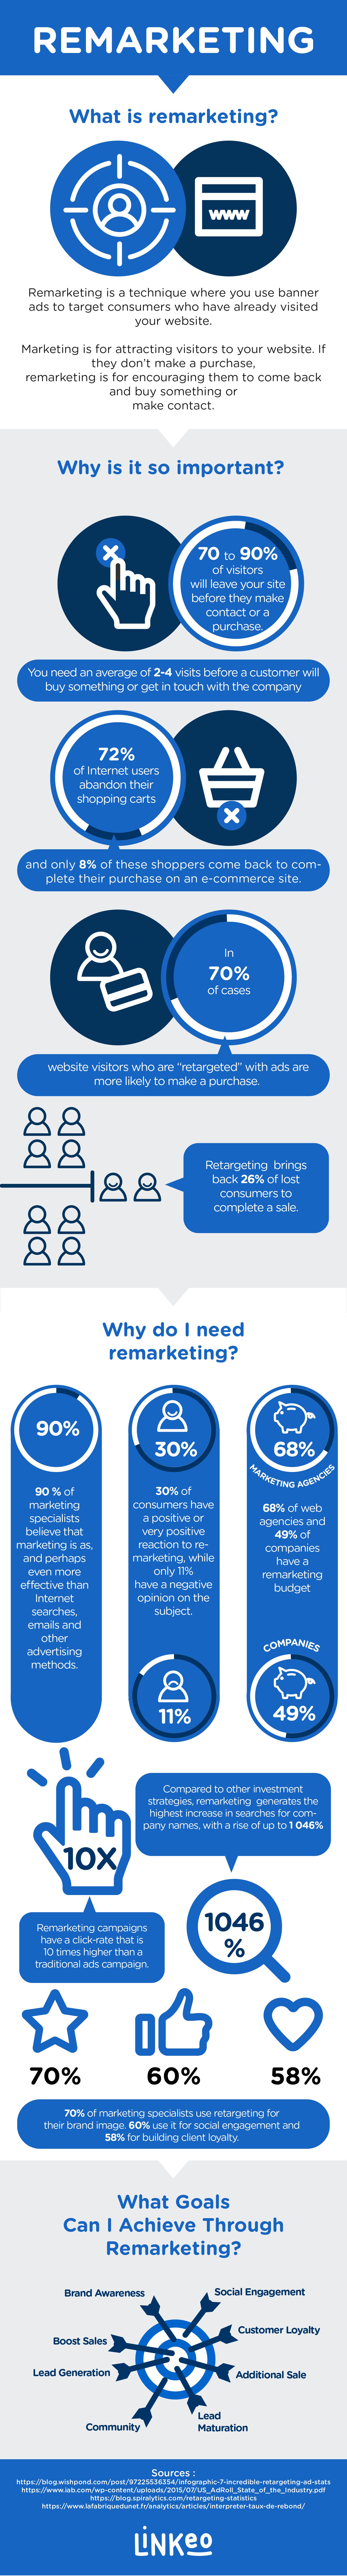 Remarketing, retargeting, what is remarketing